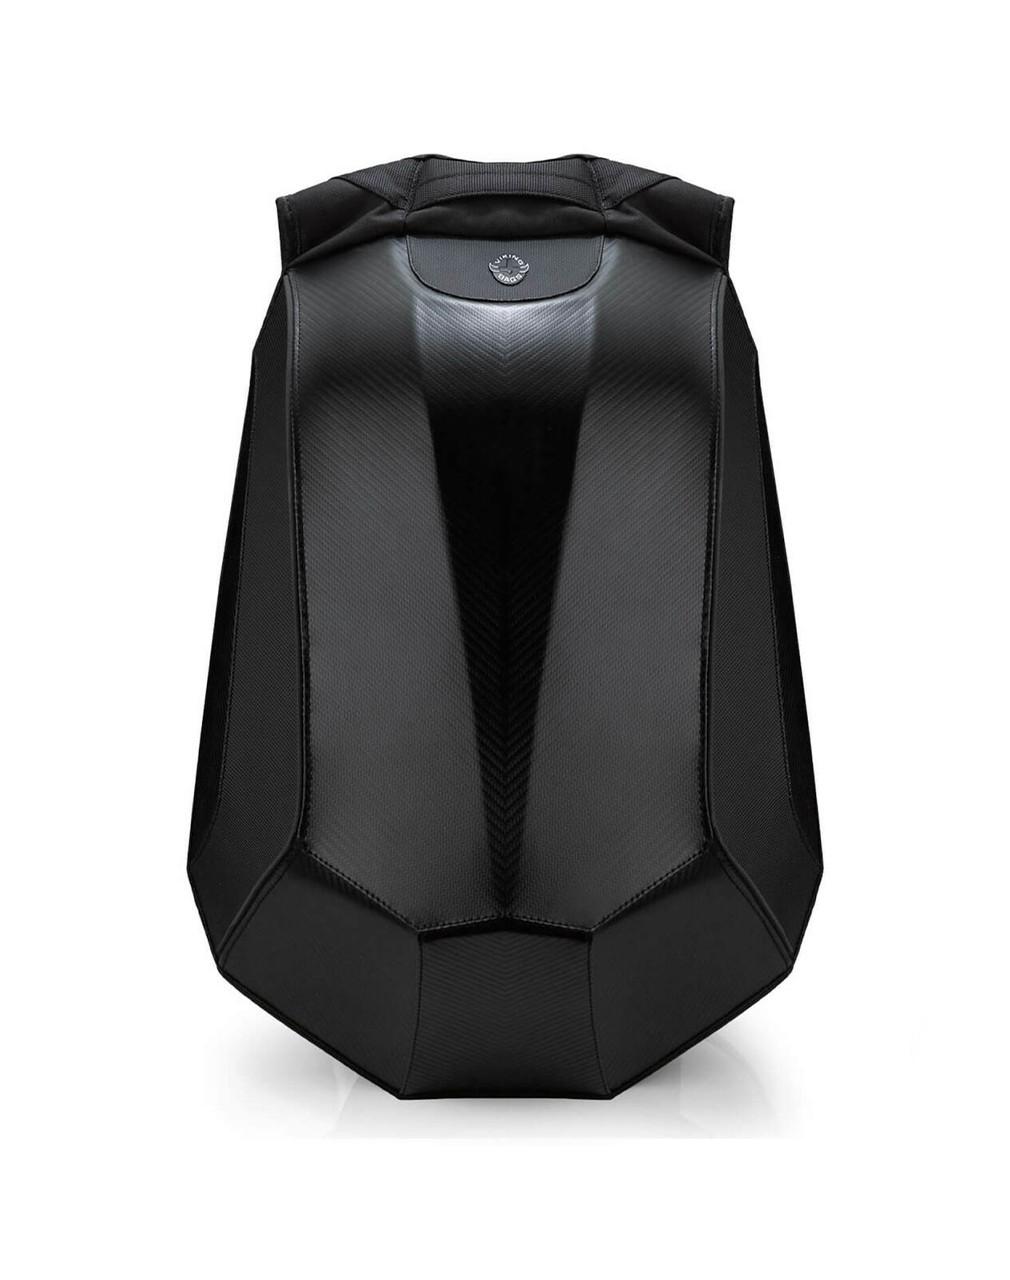 VikingBags Velocity Large Black Expandable Kawasaki Motorcycle Backpack Front View